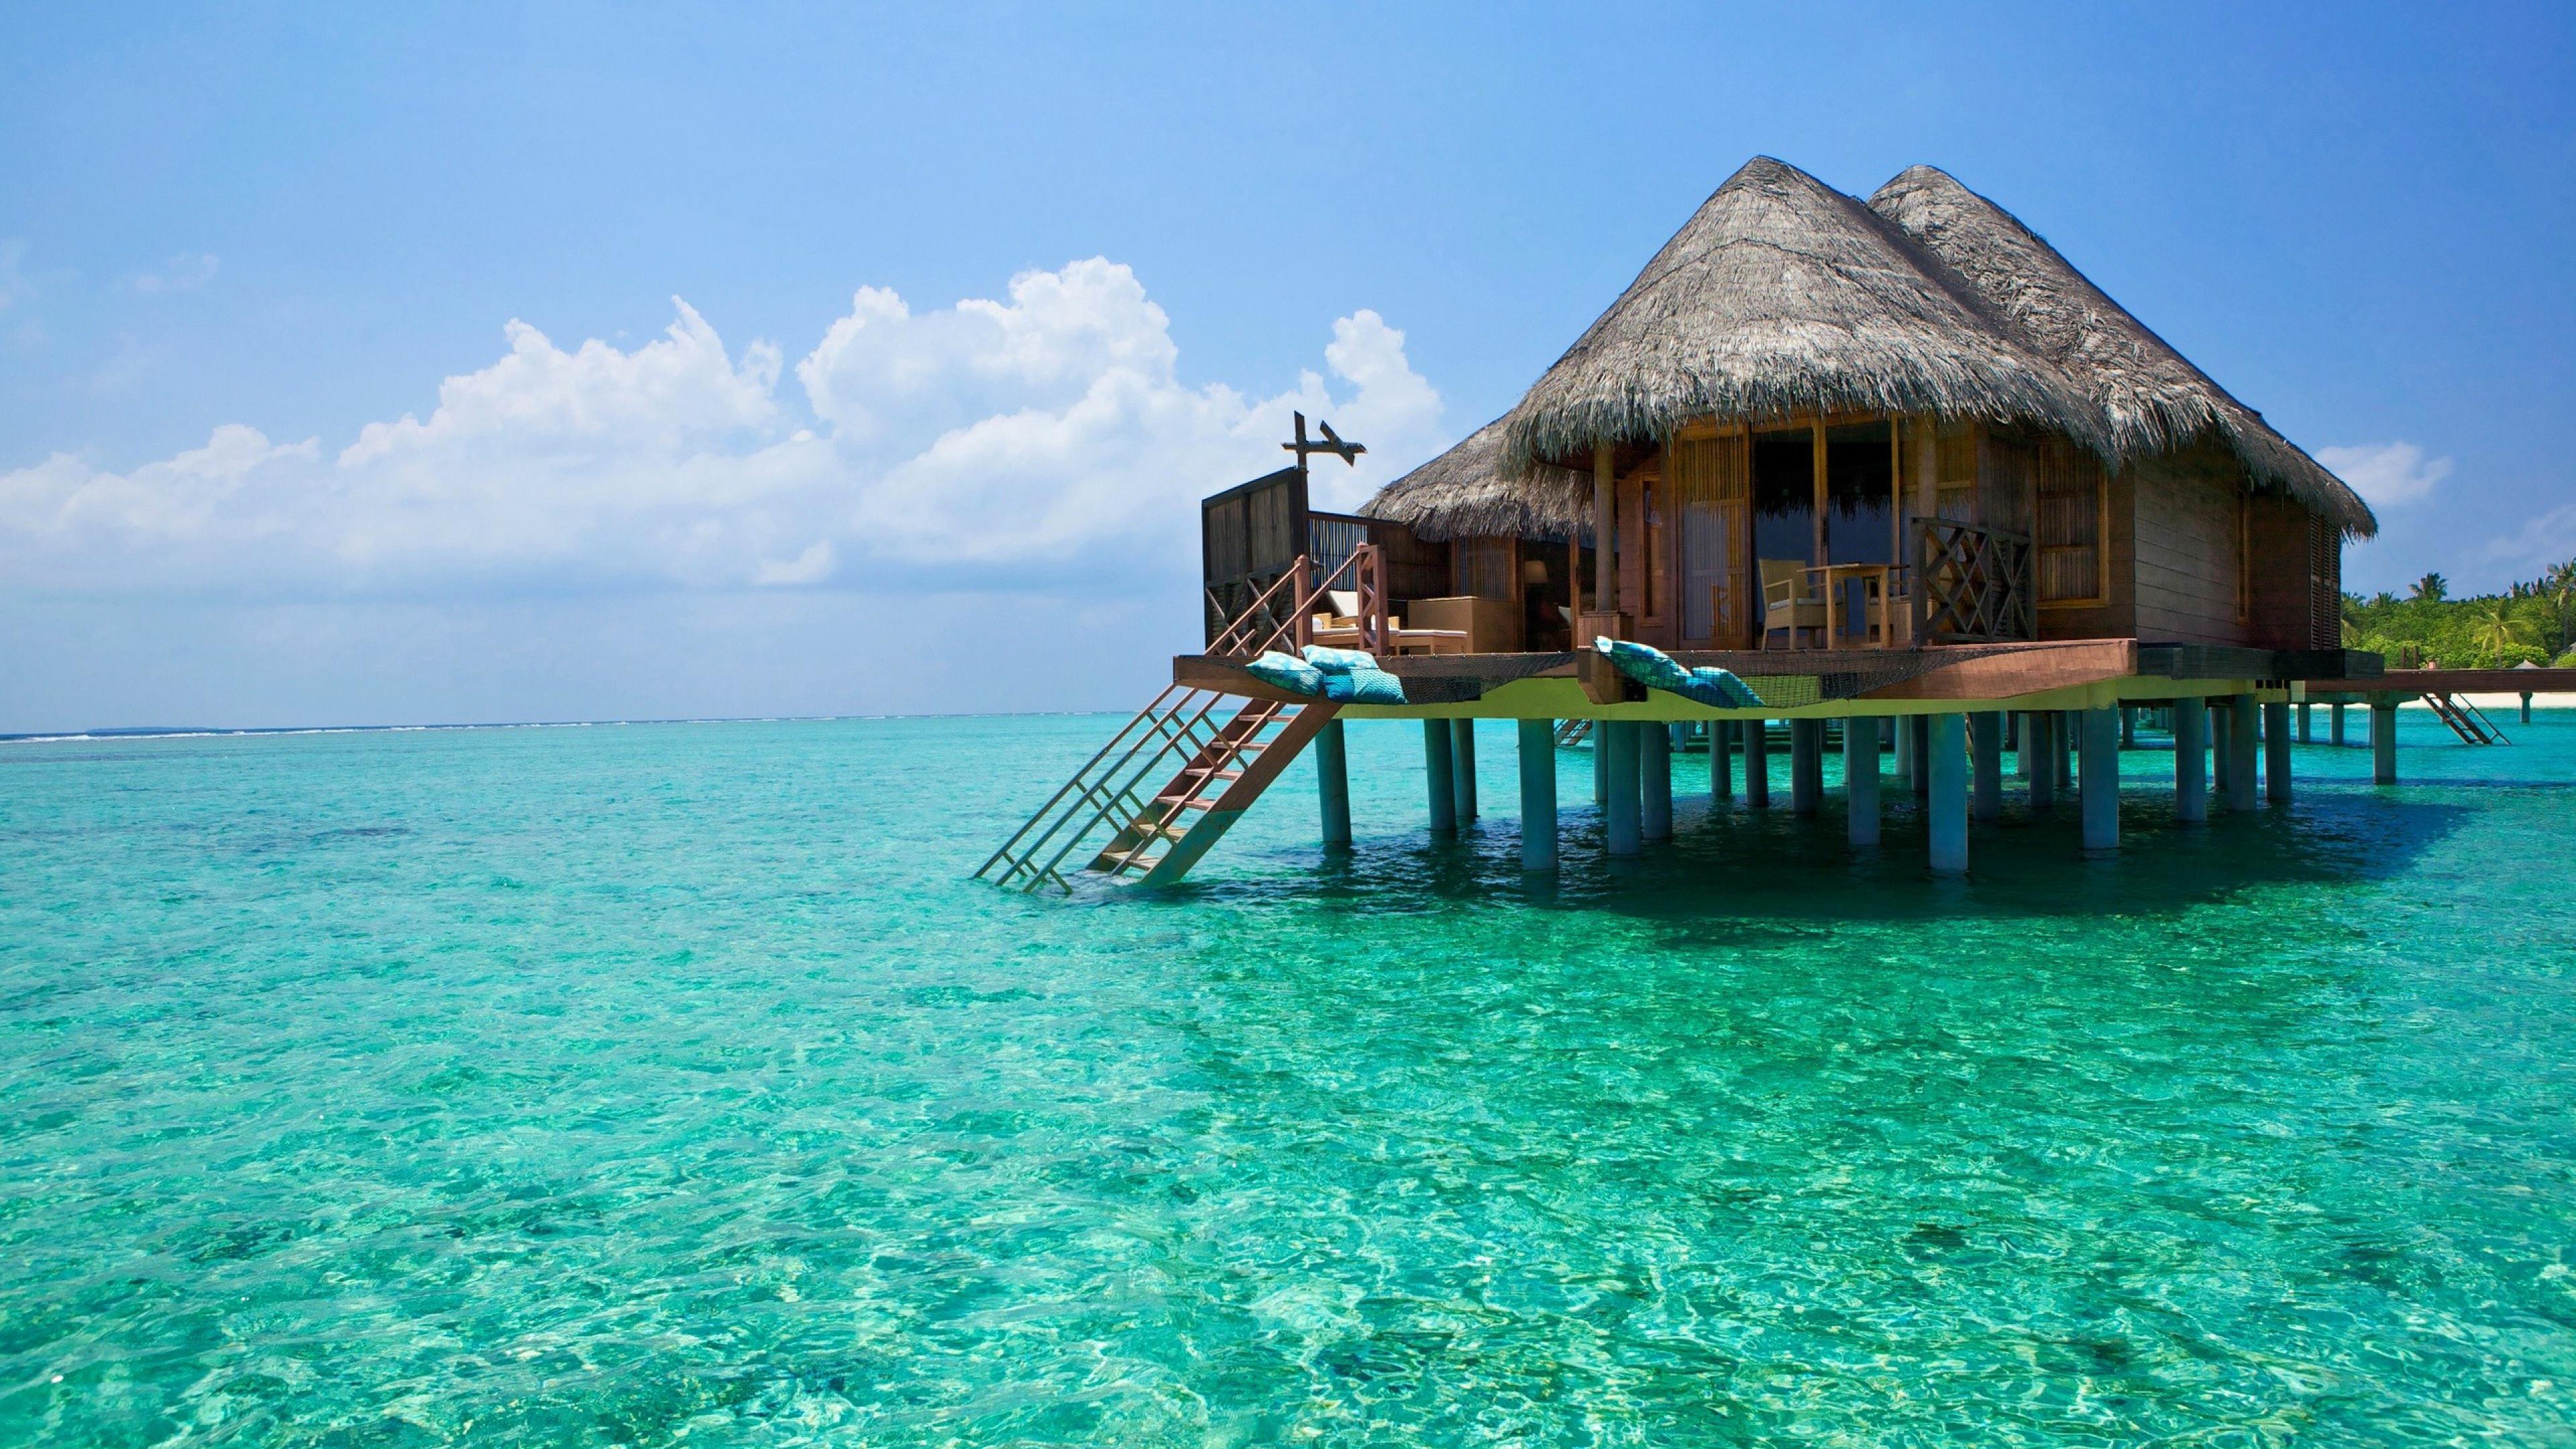 Выбираем сим-карту в России для отдыха на Бали в июле 2018